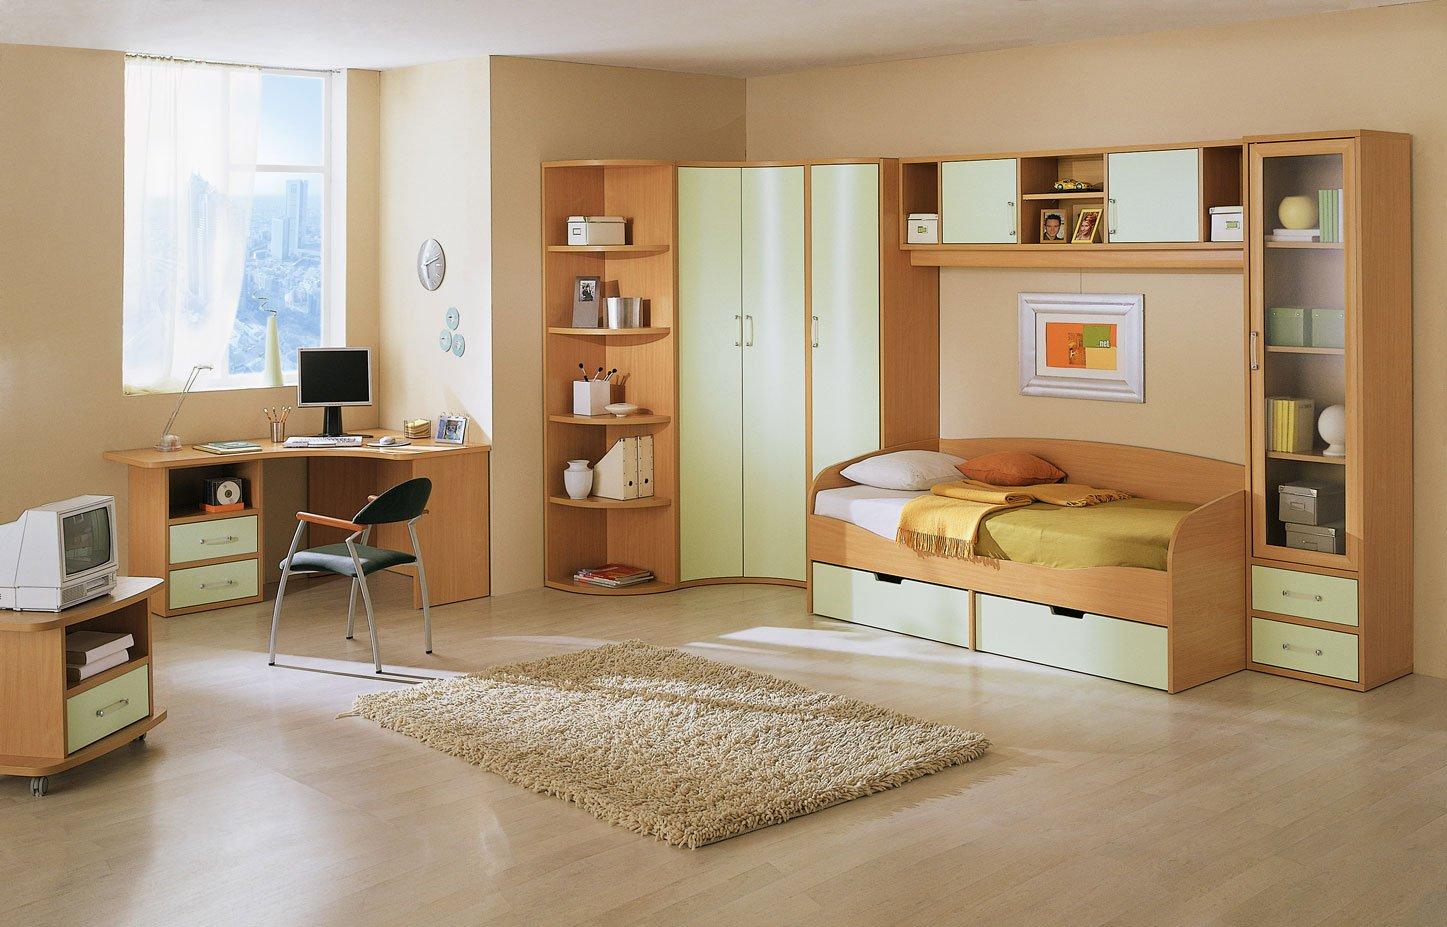 El color marr n en la decoraci n decoraci n del hogar - Habitacion marron ...